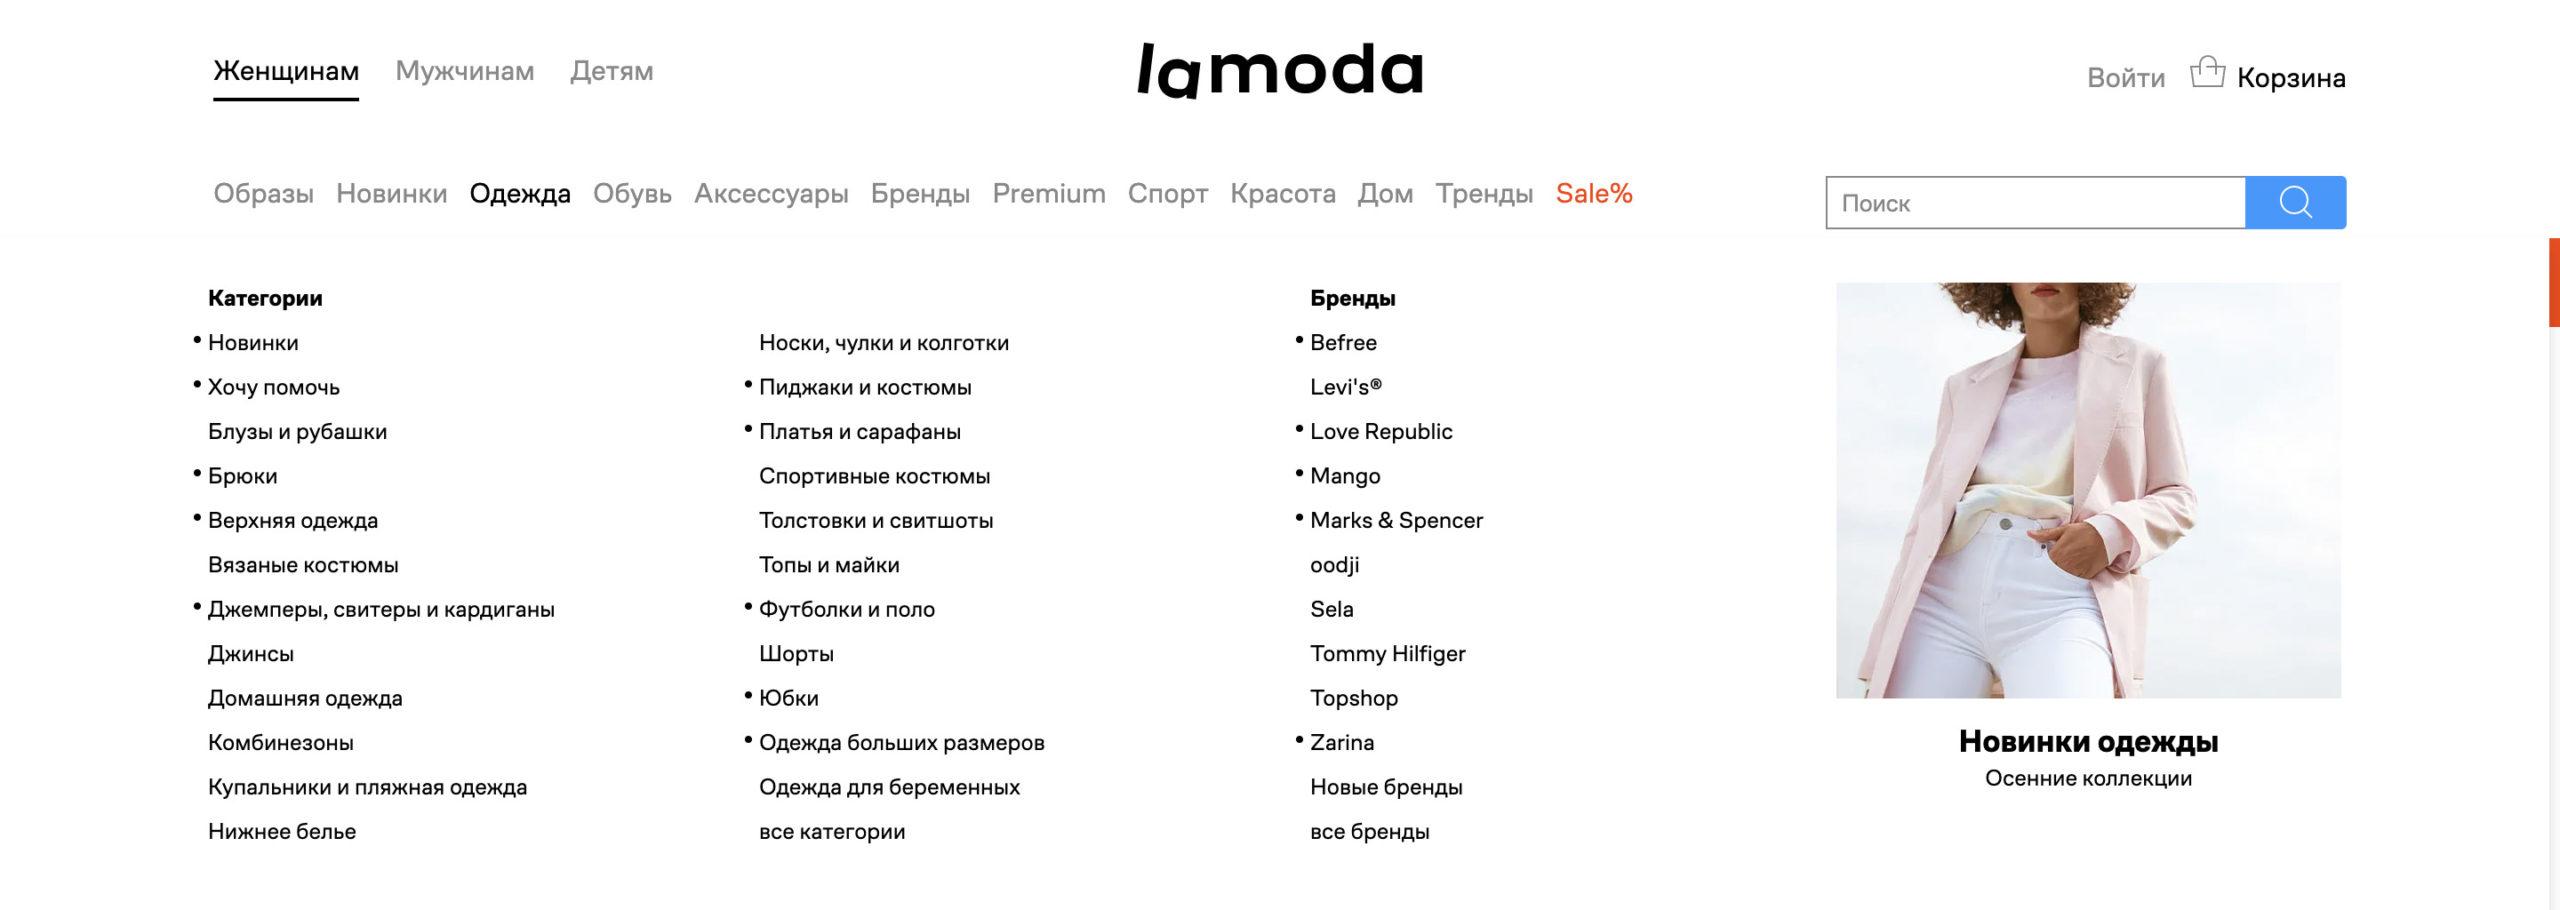 Ламода Иркутск Адрес Магазина